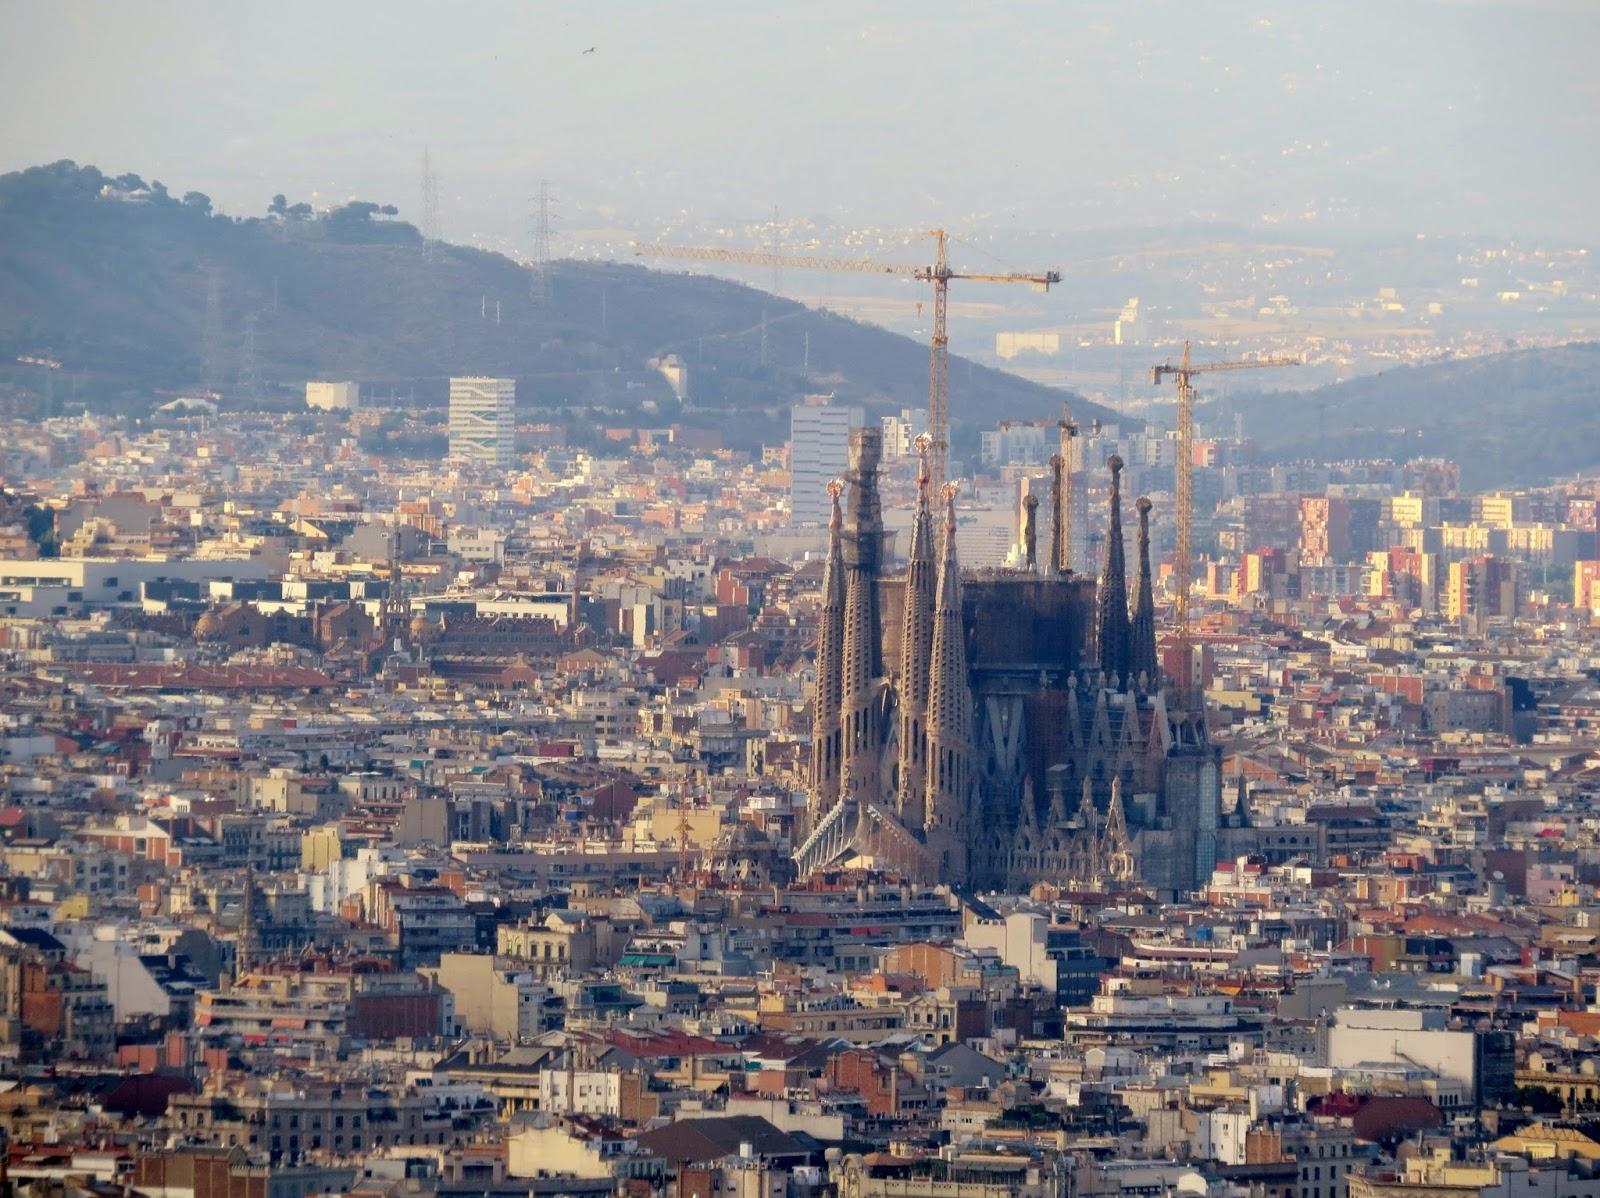 Torres da Sagrada Família se destacam na cidade